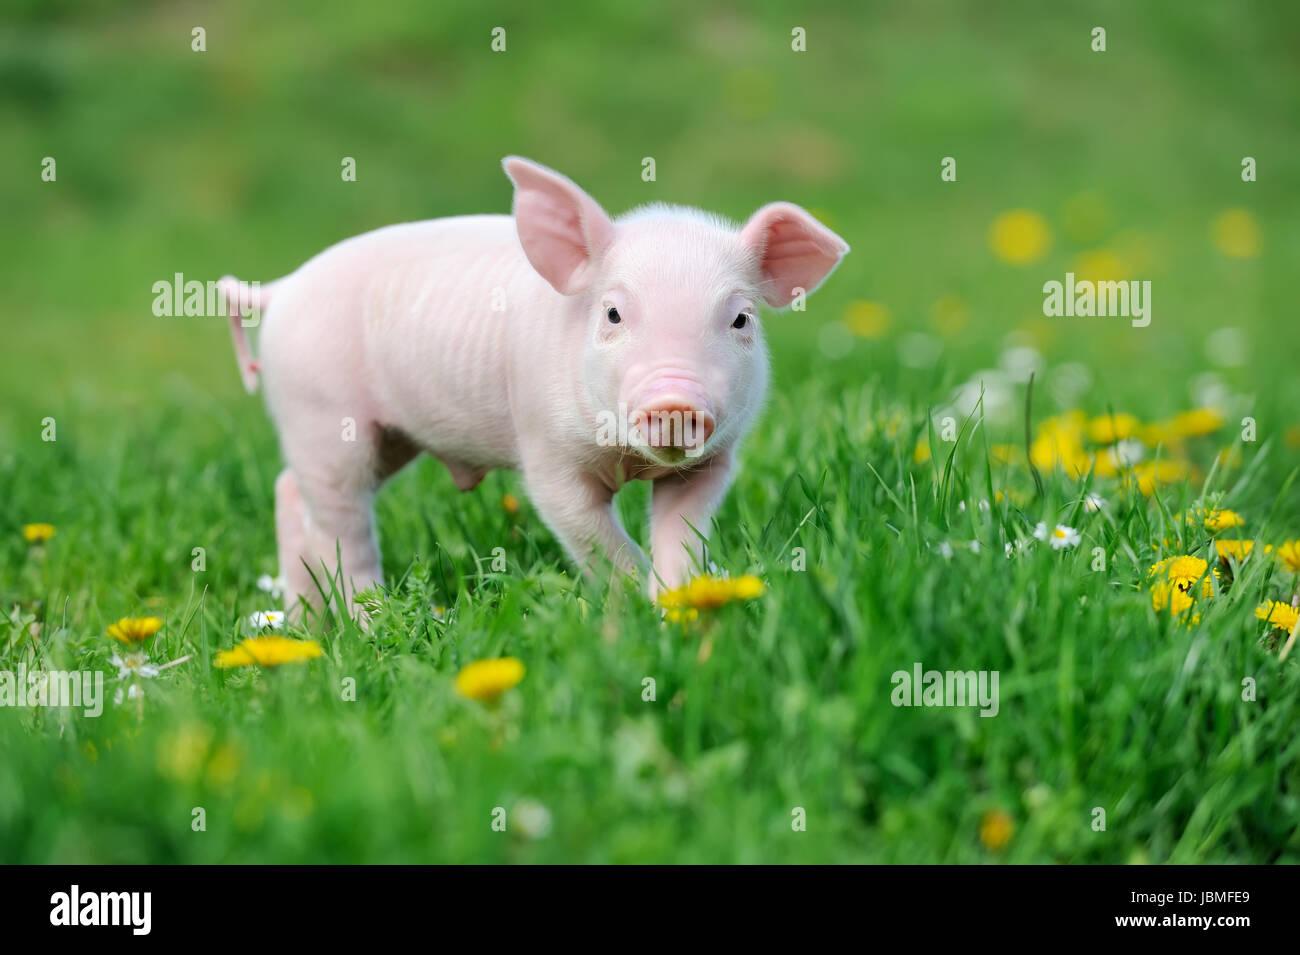 Joven gracioso cerdo sobre un césped verde primavera Imagen De Stock